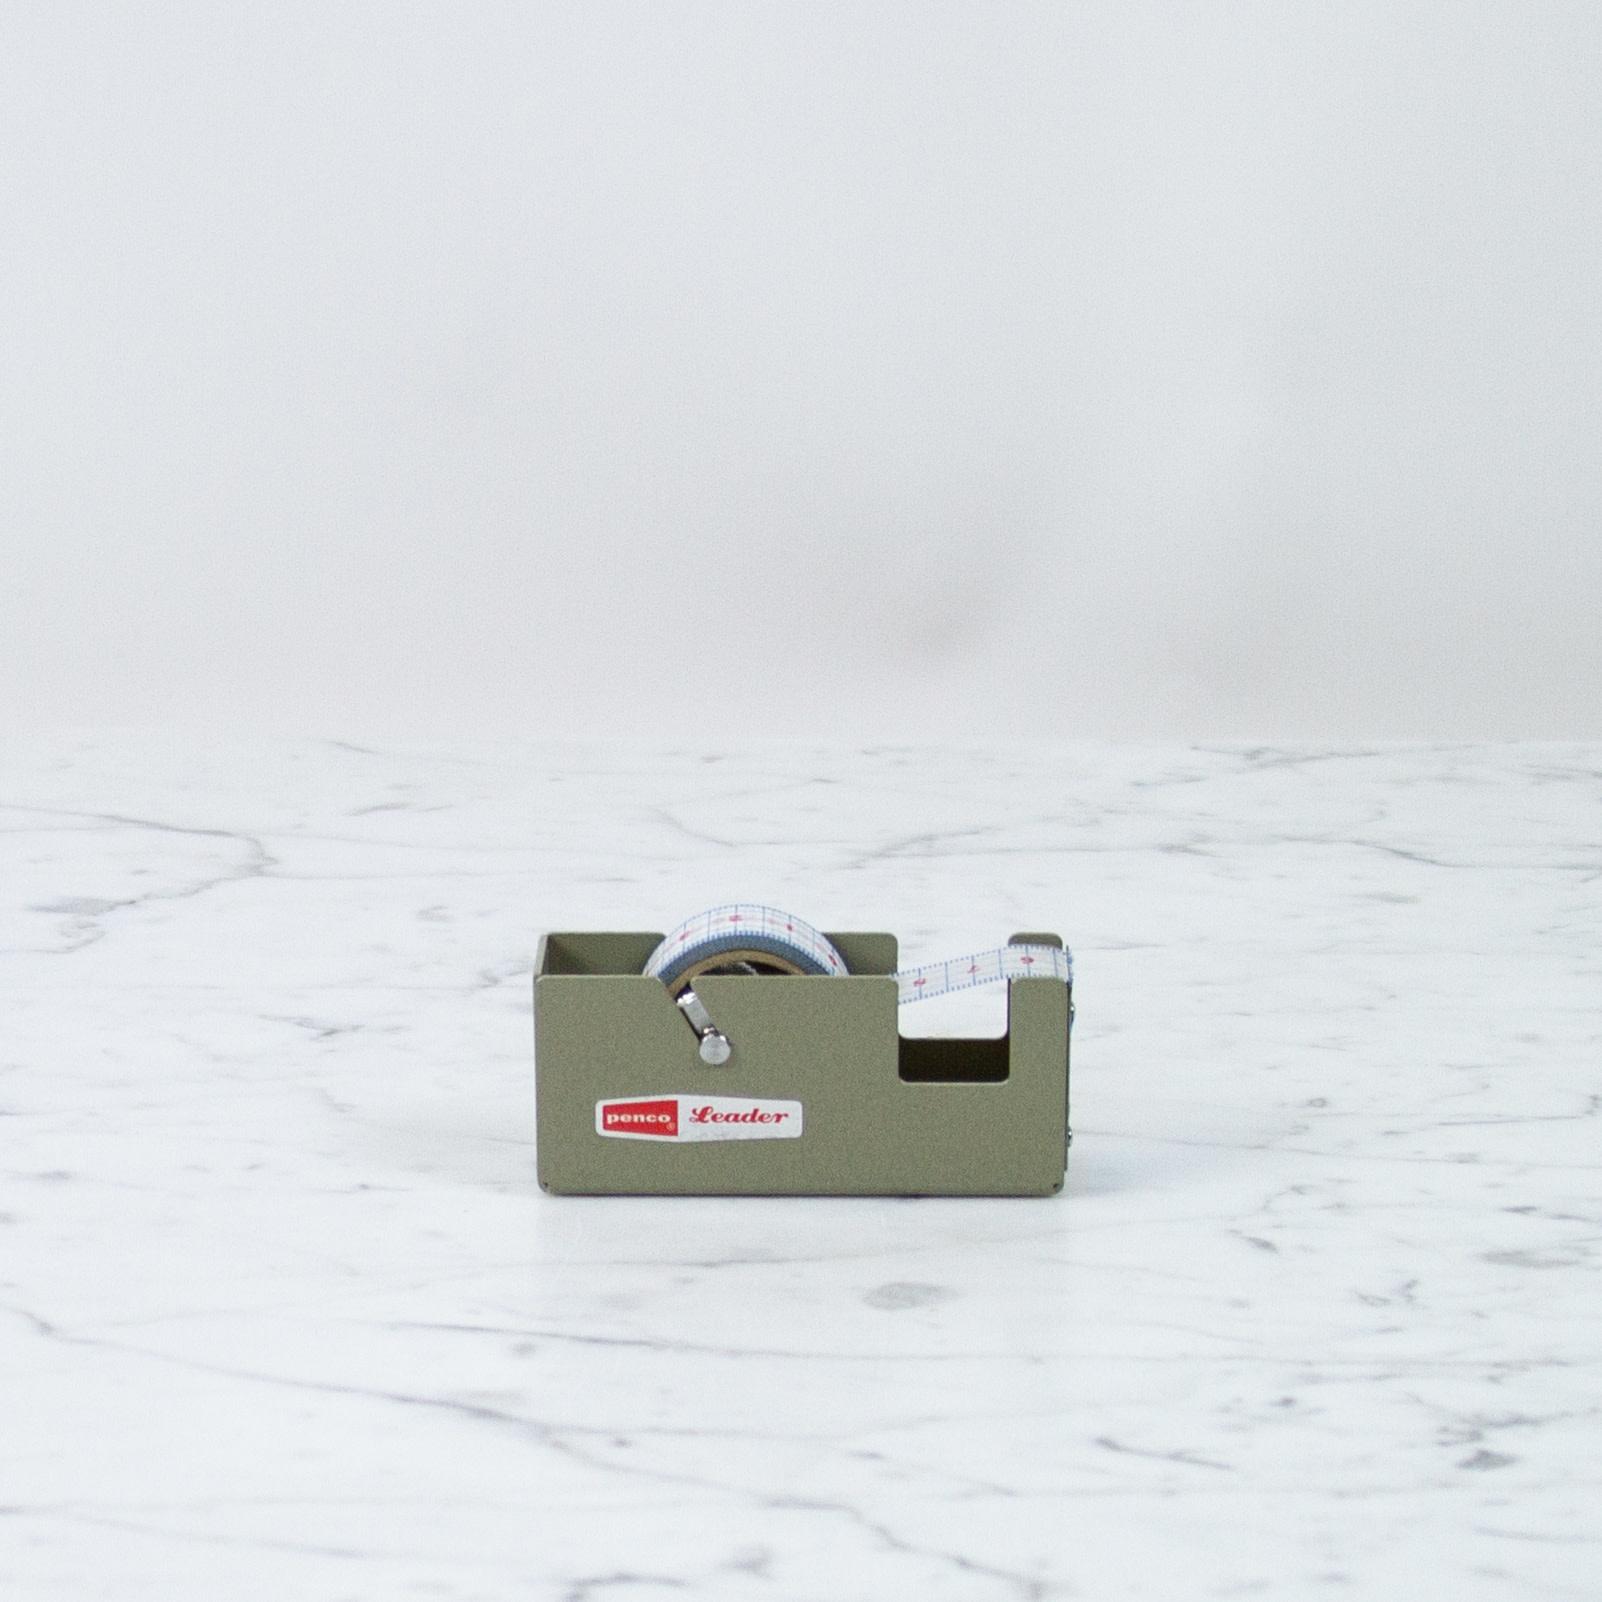 Small Desktop Tape Dispenser - Ivory Beige